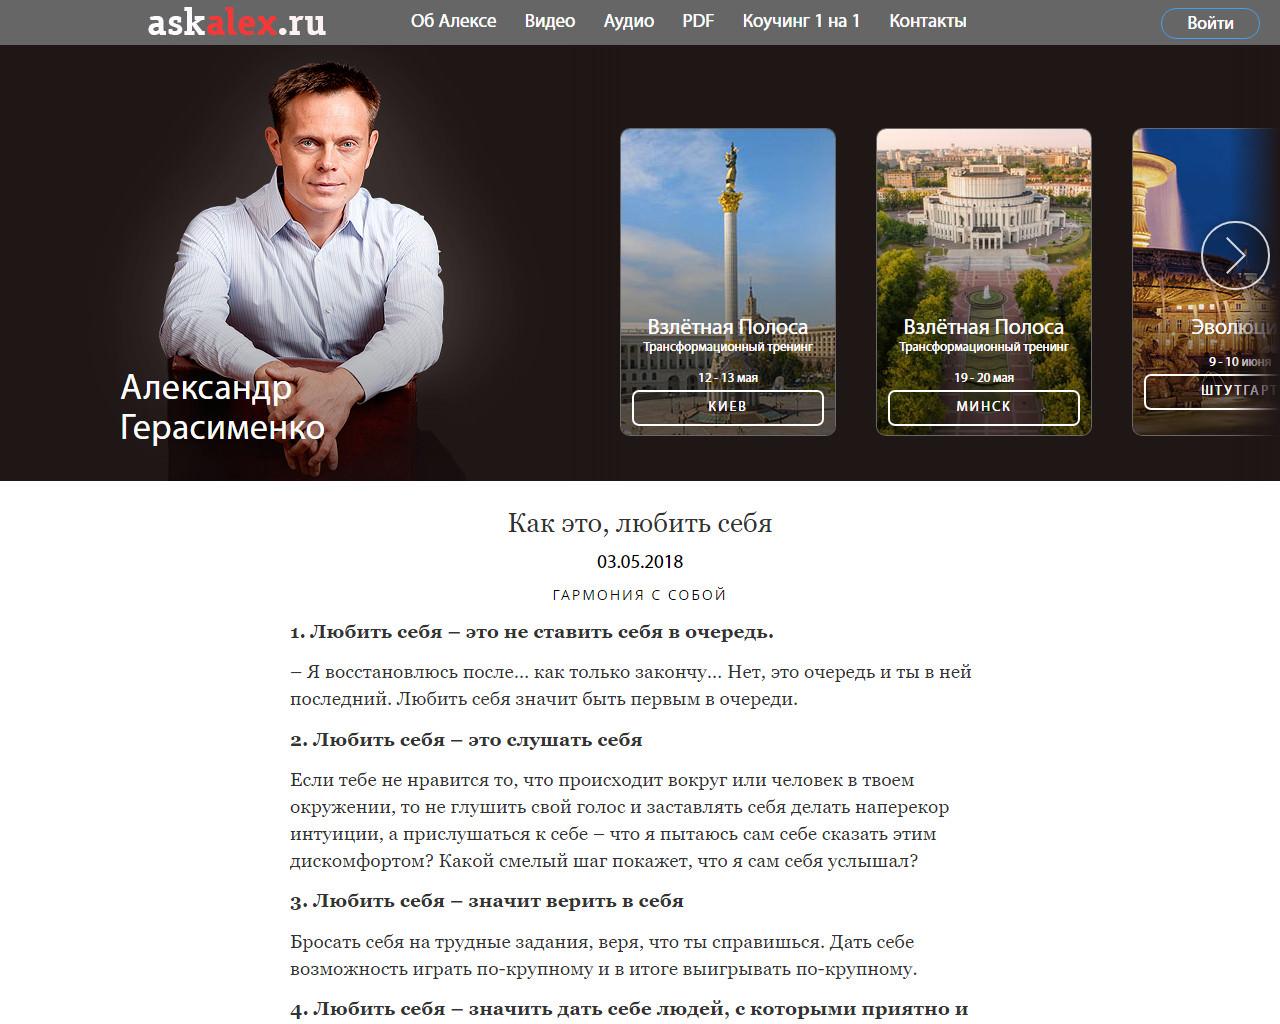 Блог известного спикера Александра Герасименко (Россия)